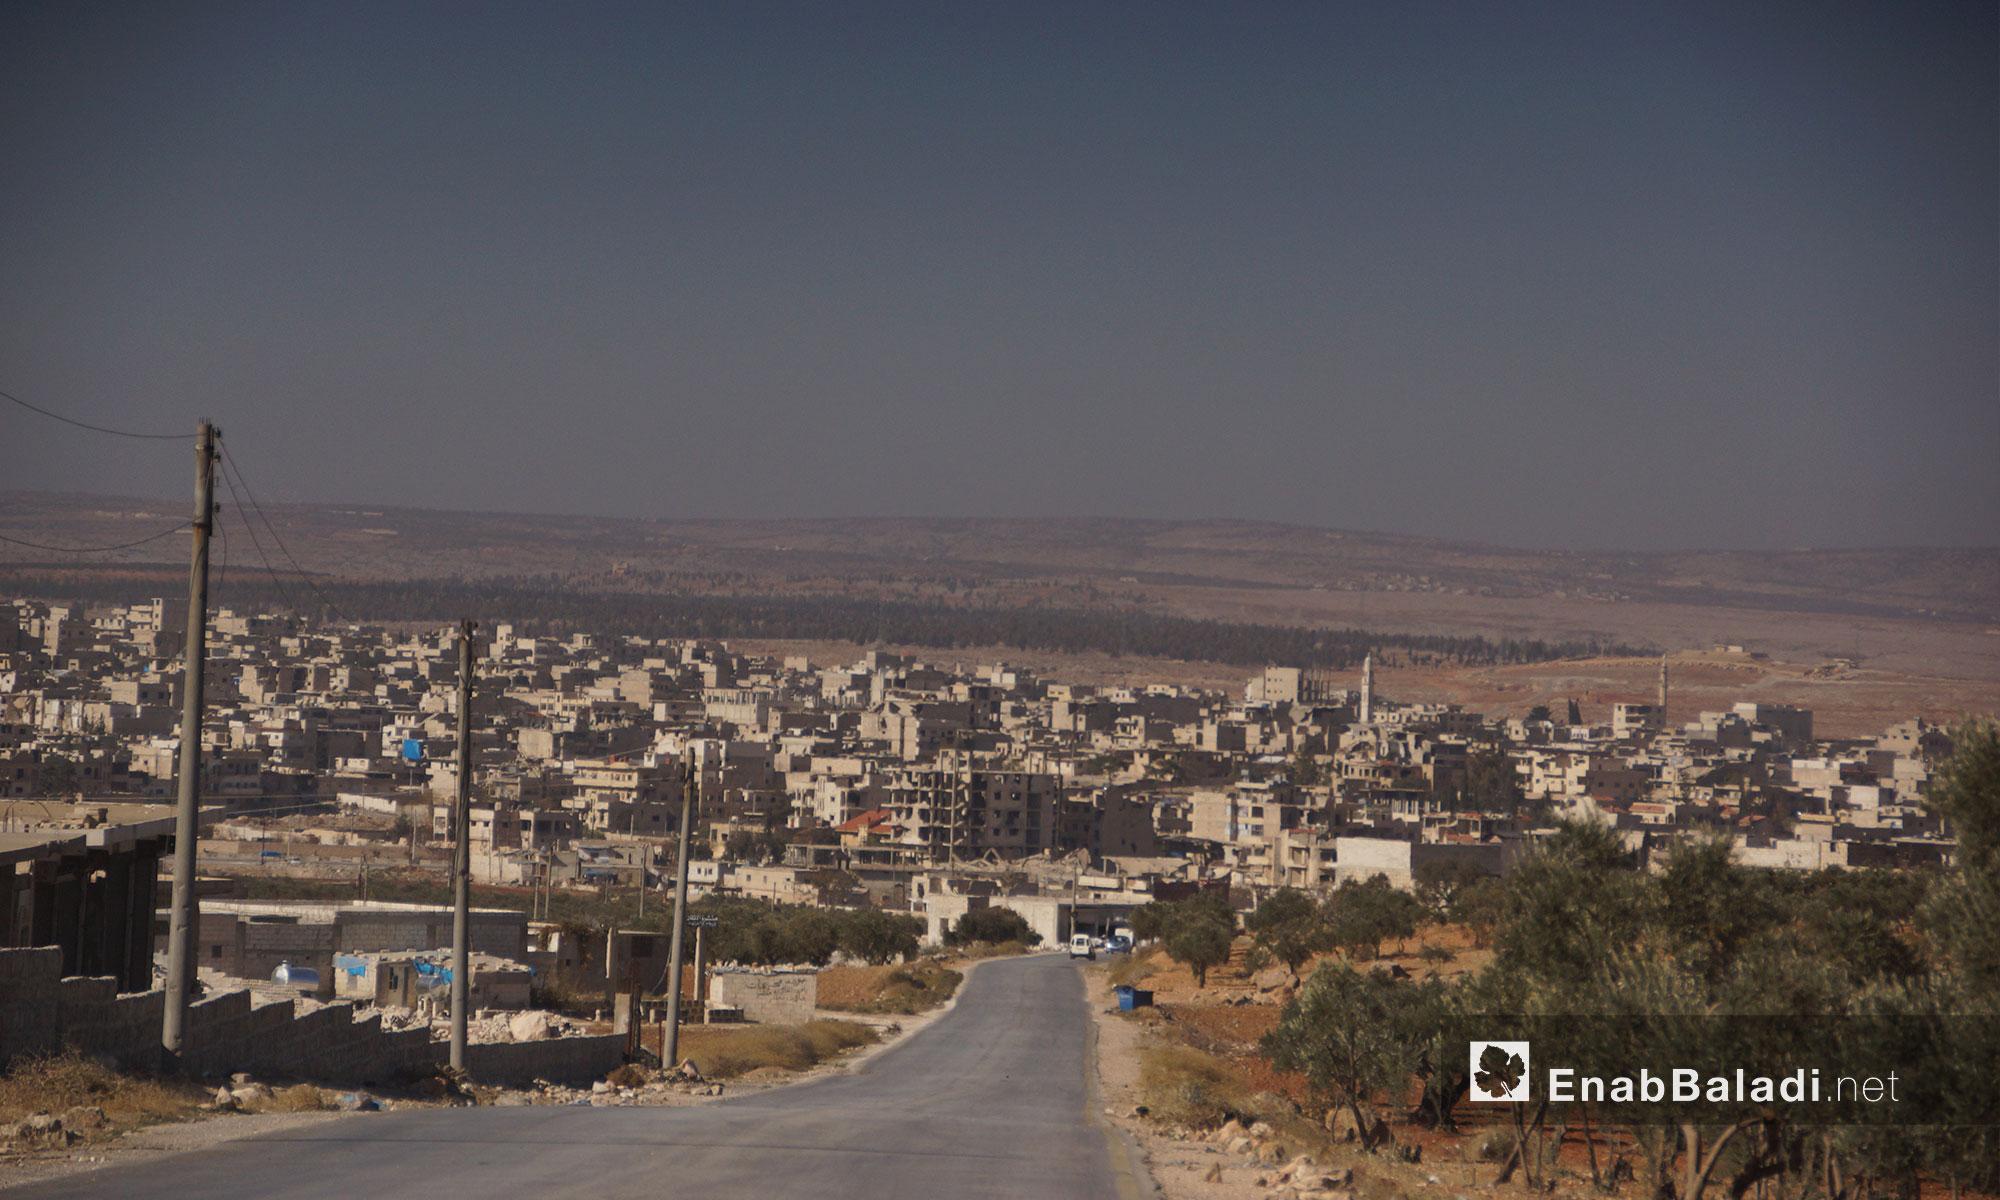 مدينة معرة النعمان ريف إدلب الجنوبي - 24 تشرين الثاني 2016 (عنب بلدي)